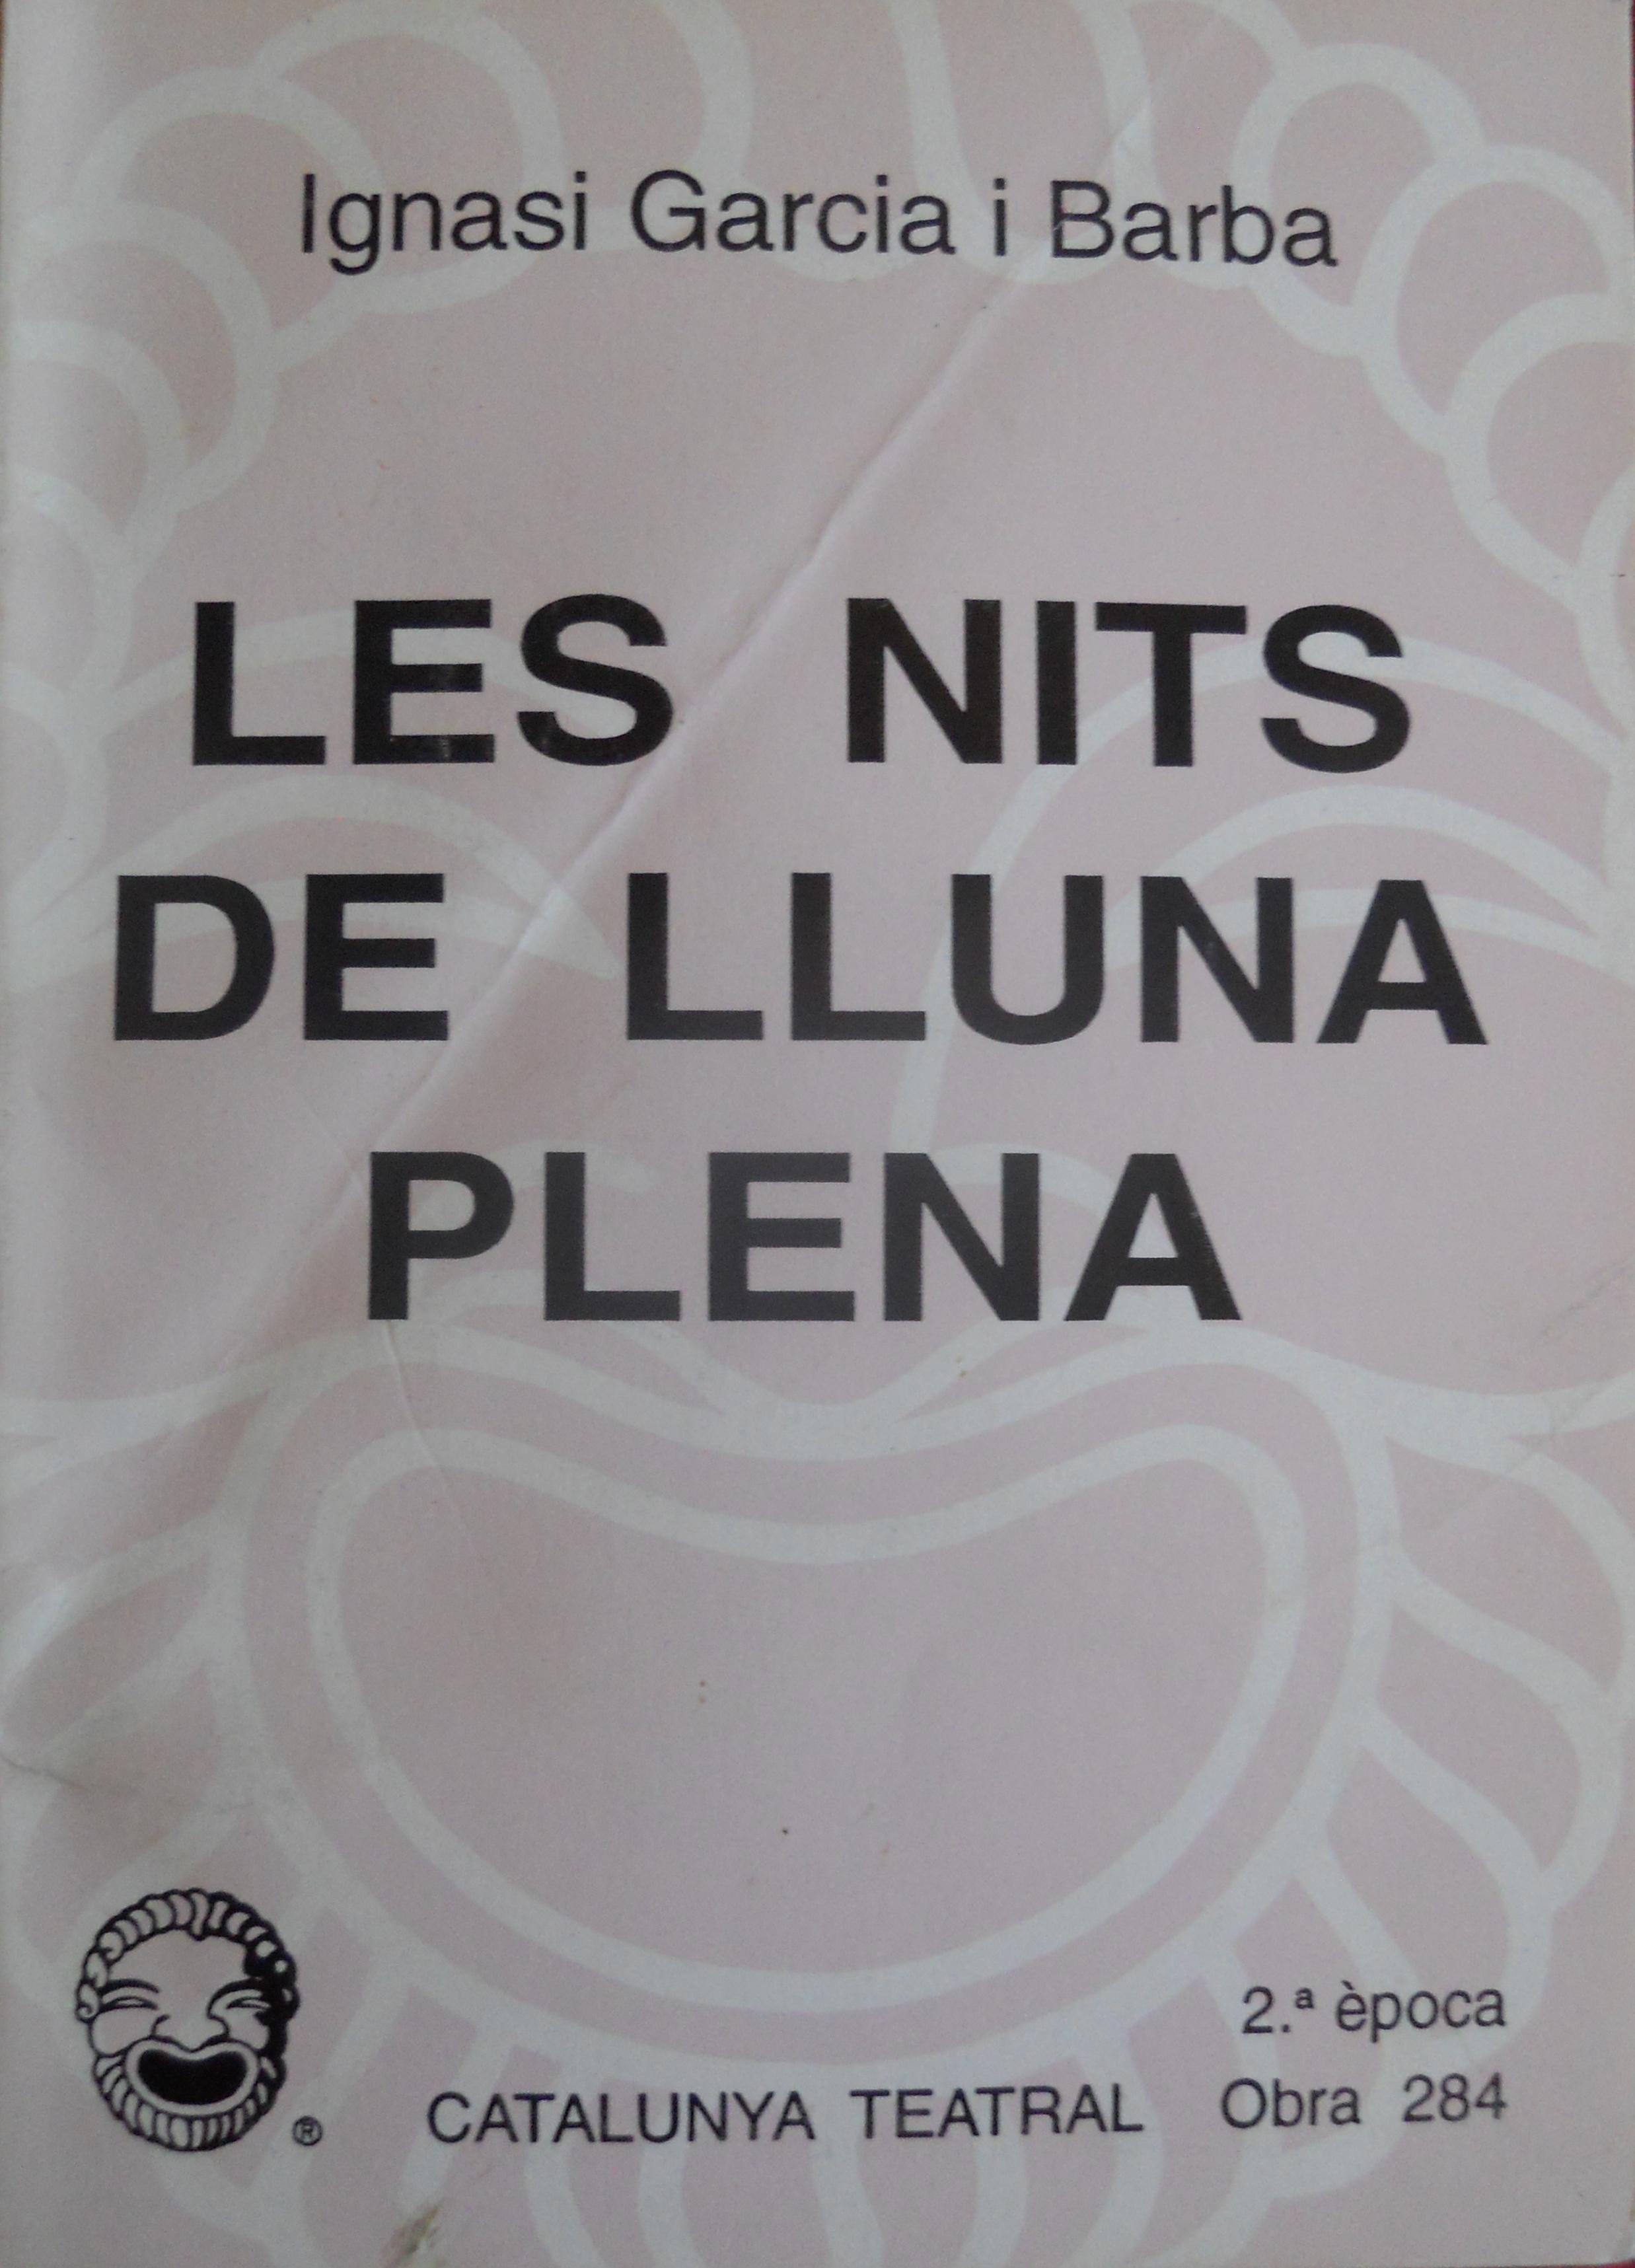 LES NITS DE LLUNA PLENA